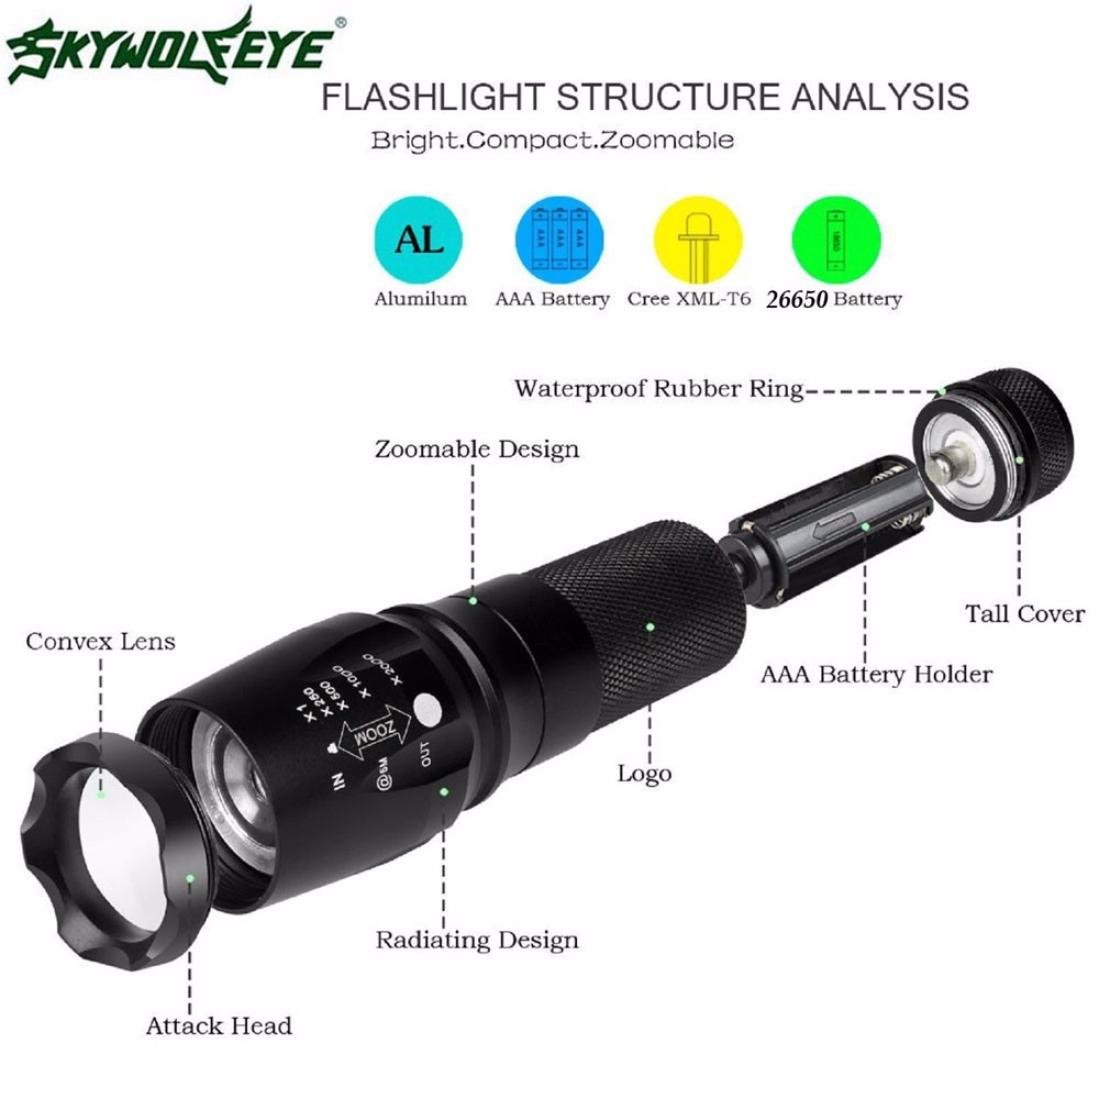 RechargeableChargeur Torche X Xm T6 Batterie 5 Lampe Internet 5000 G700 L 800 Militaires18650 Modes Zoom Led 3000mah De Poche Lumens 1Tl3JFKc